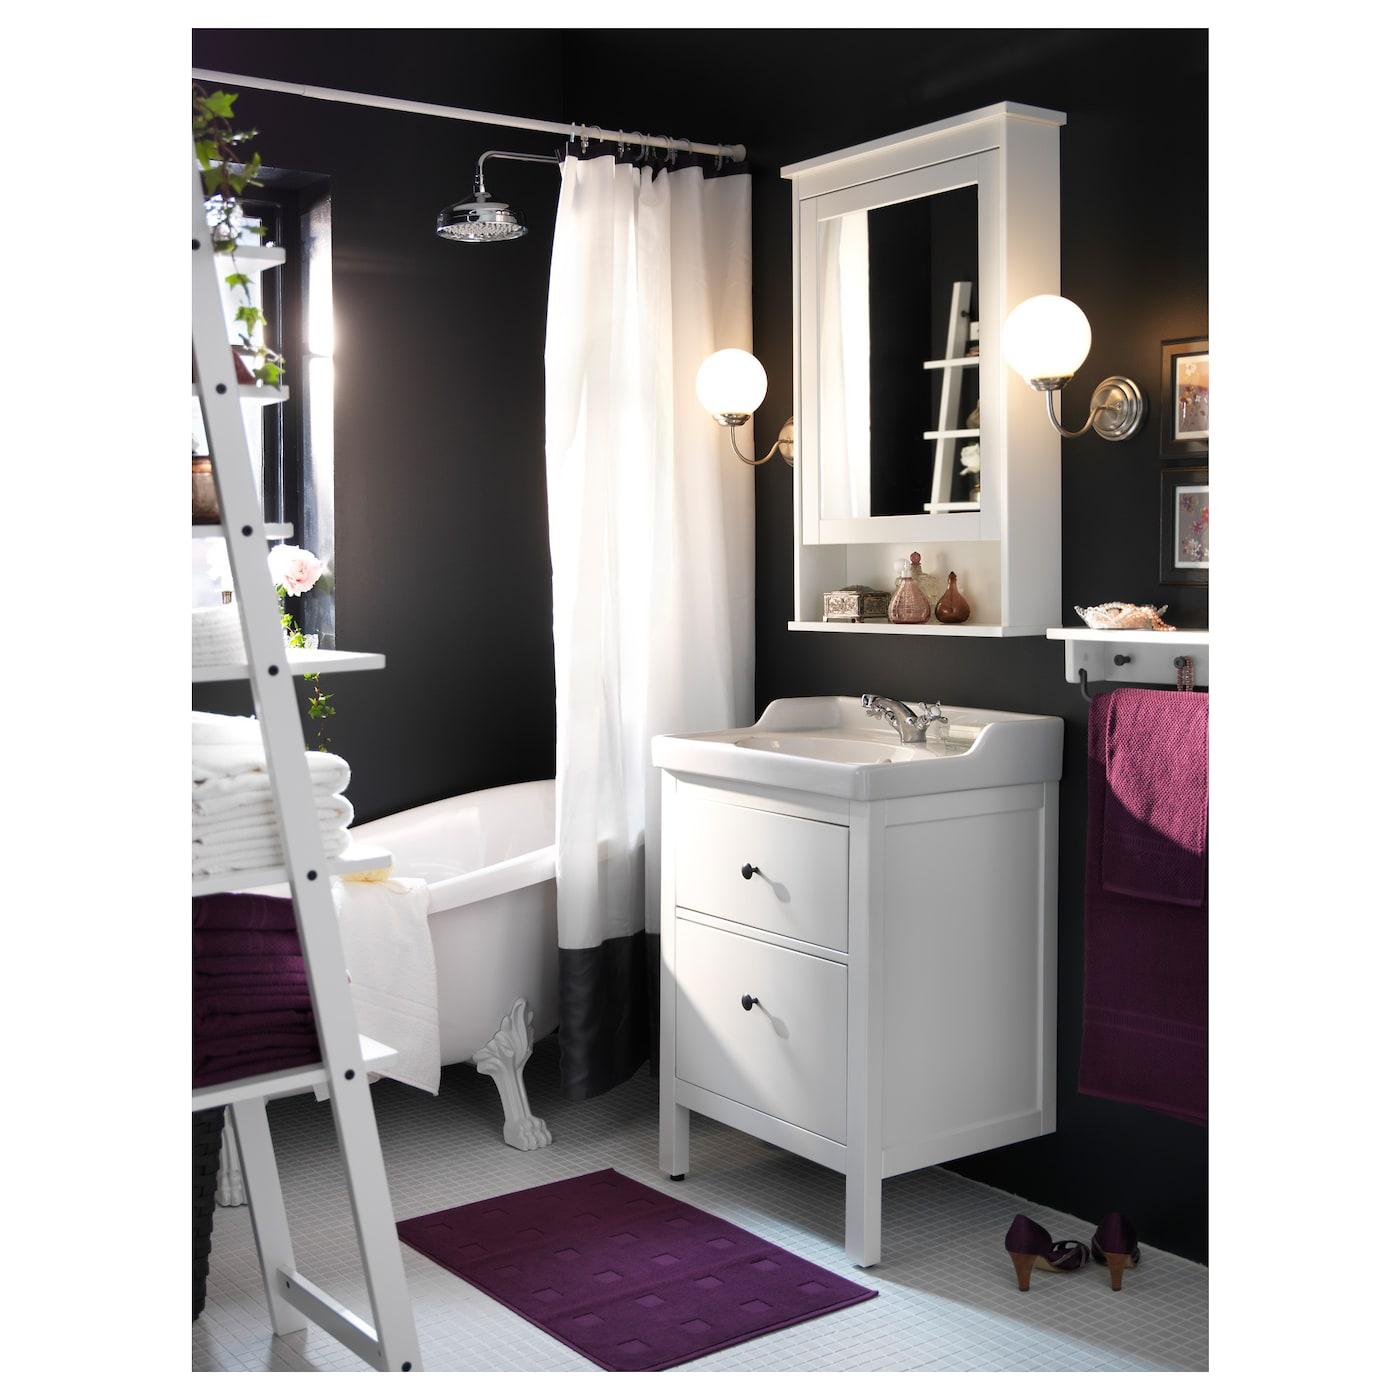 HEMNES Spiegelschrank 10 Tür - weiß 10x106x10 cm